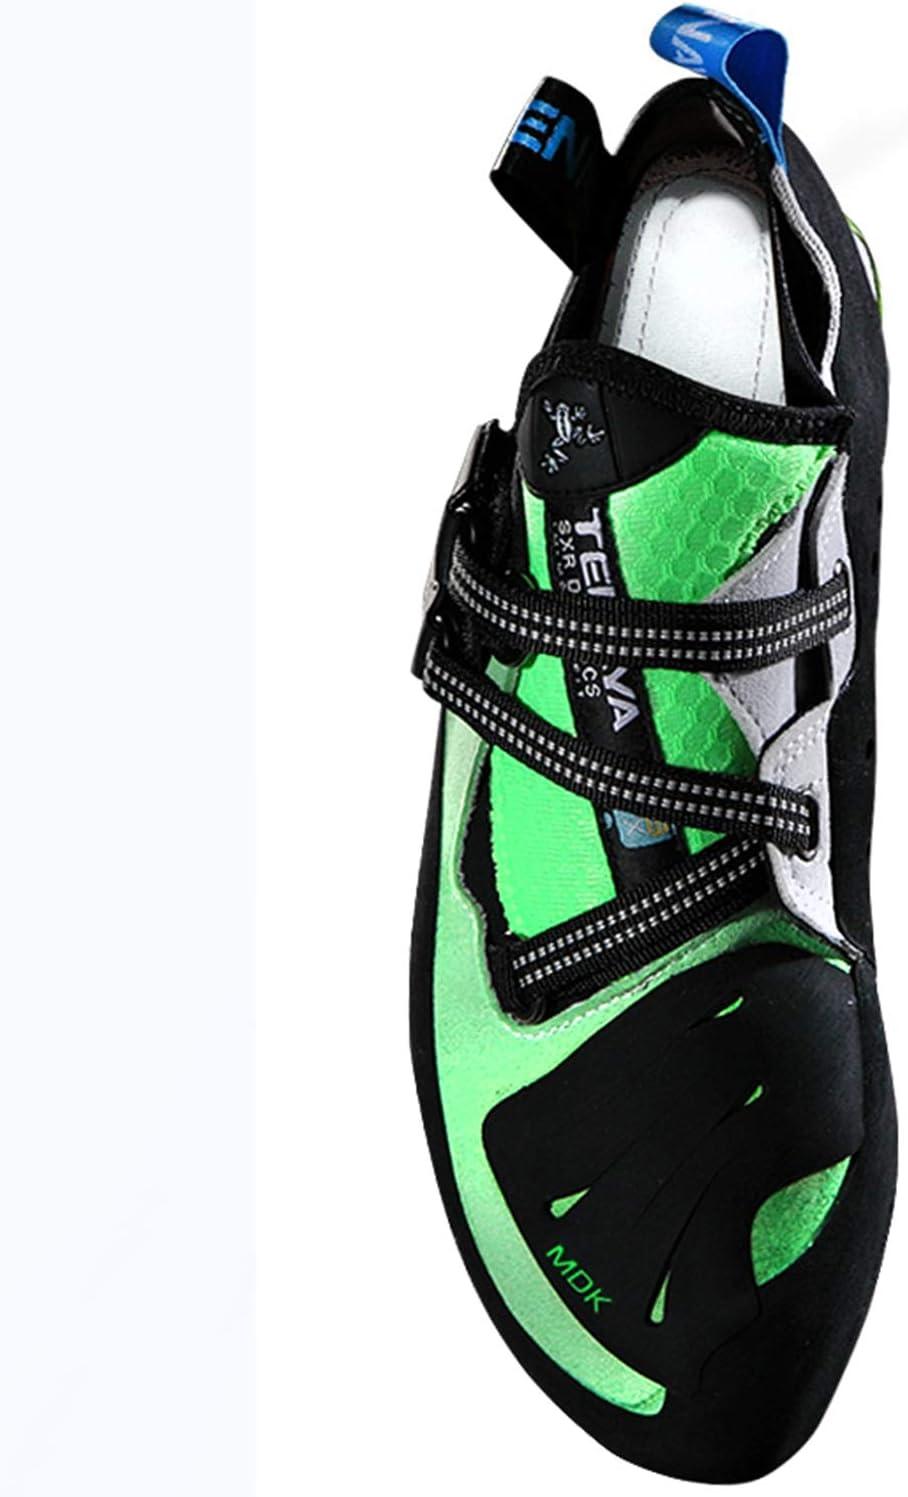 Tenaya Mundaka Cat Feet Climbing Shoes Climbing Shoe